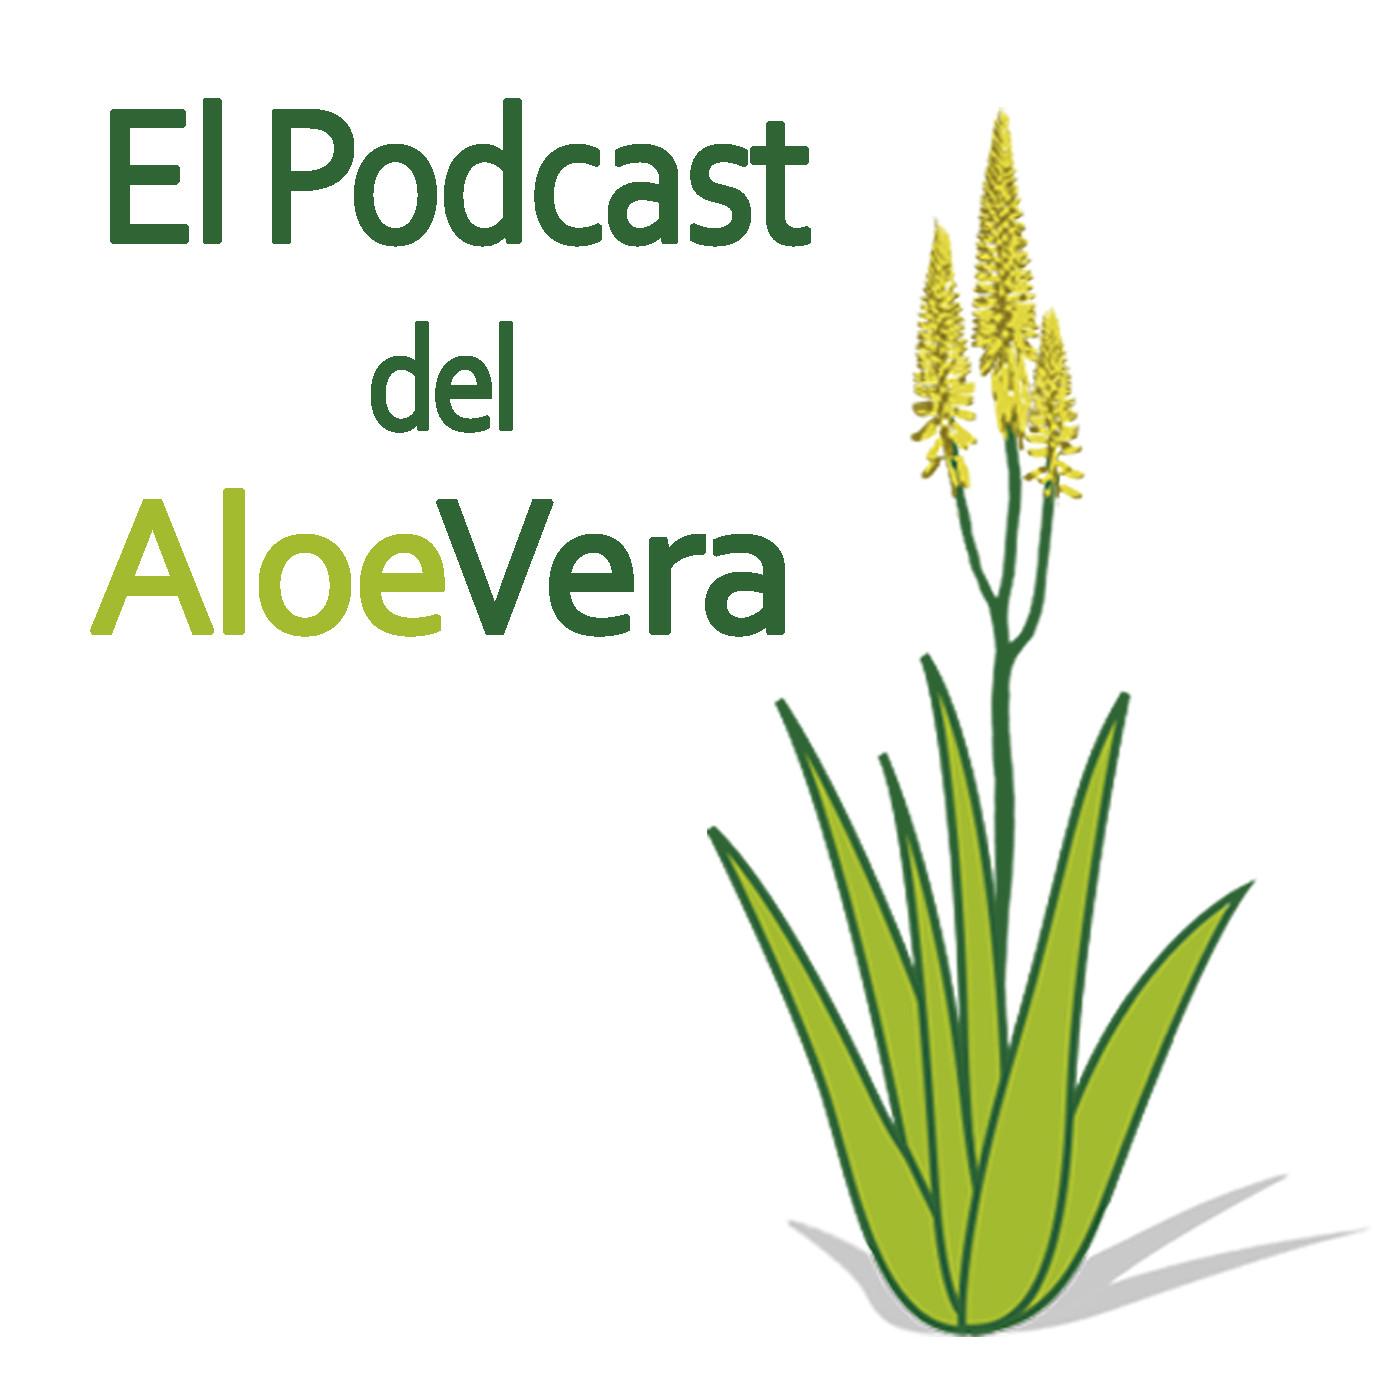 14 c mo reconocer una planta de aloe vera en el podcast del aloe vera en mp3 08 02 a las 07 50 - Como cuidar la planta de aloe vera ...